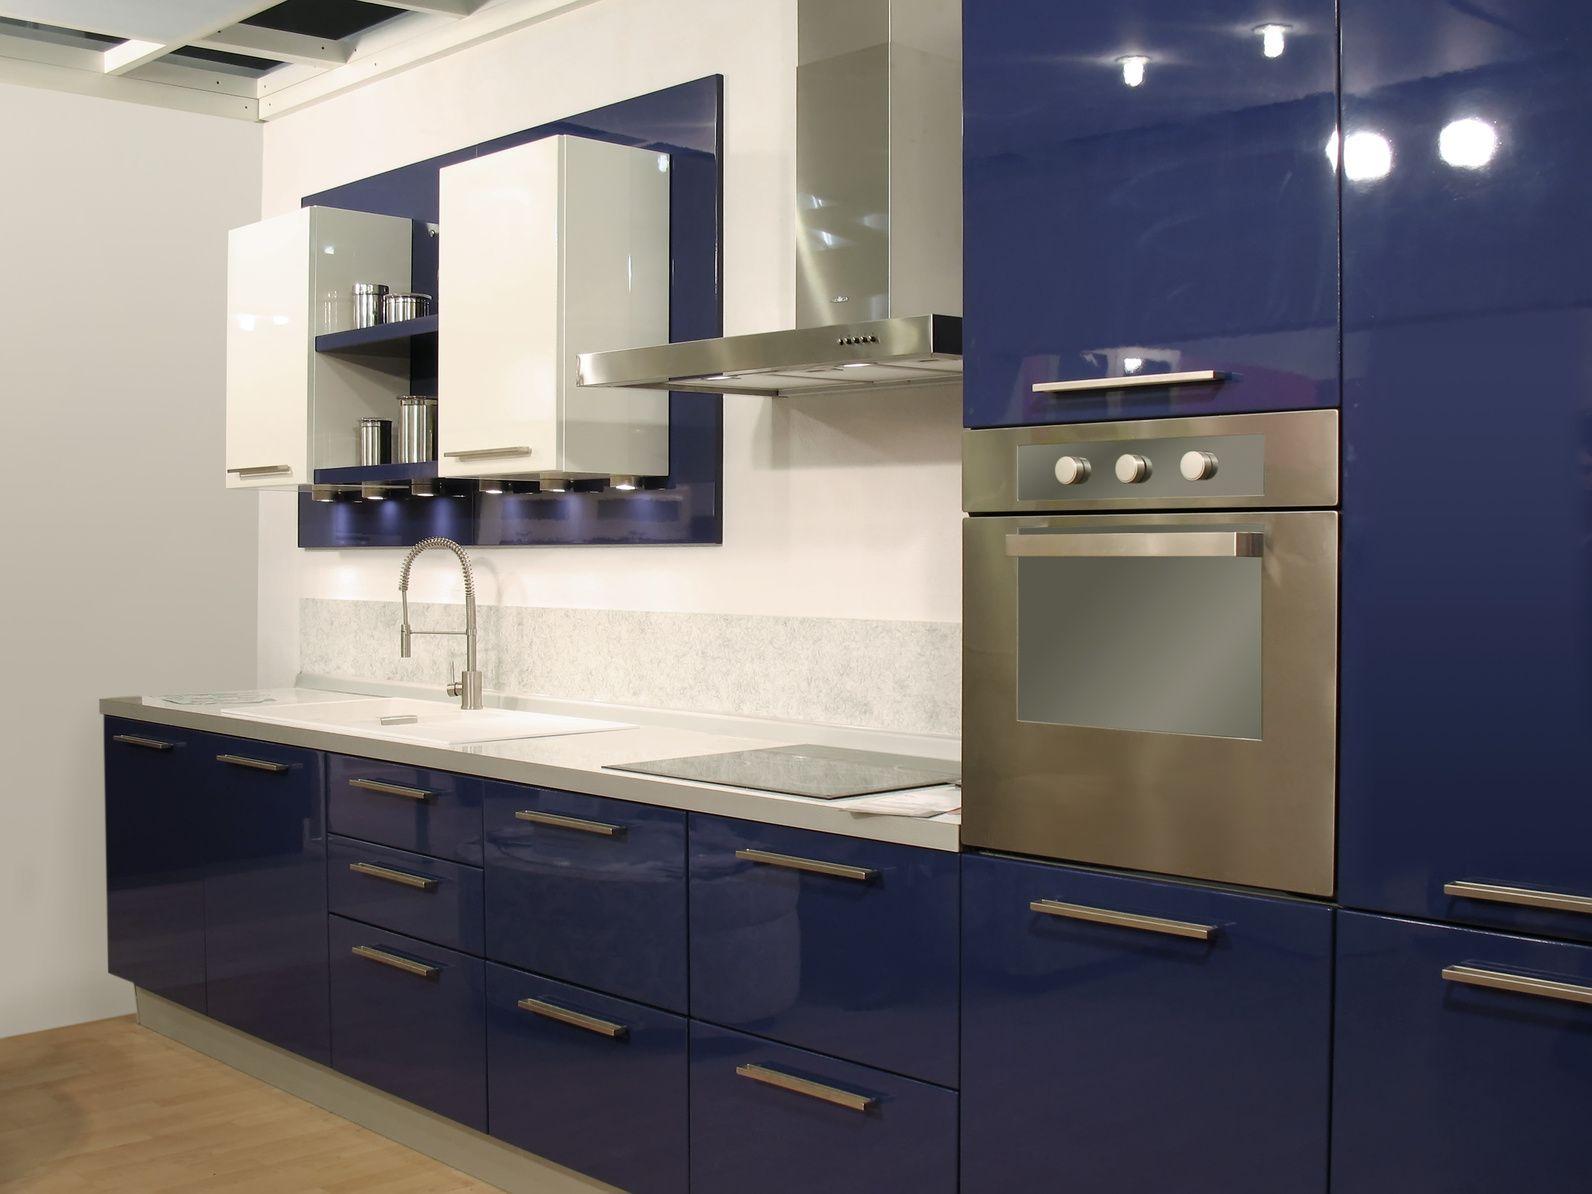 Einzeilige Edelstahlküche mit blauen Fronten | Edelstahlküchen ...